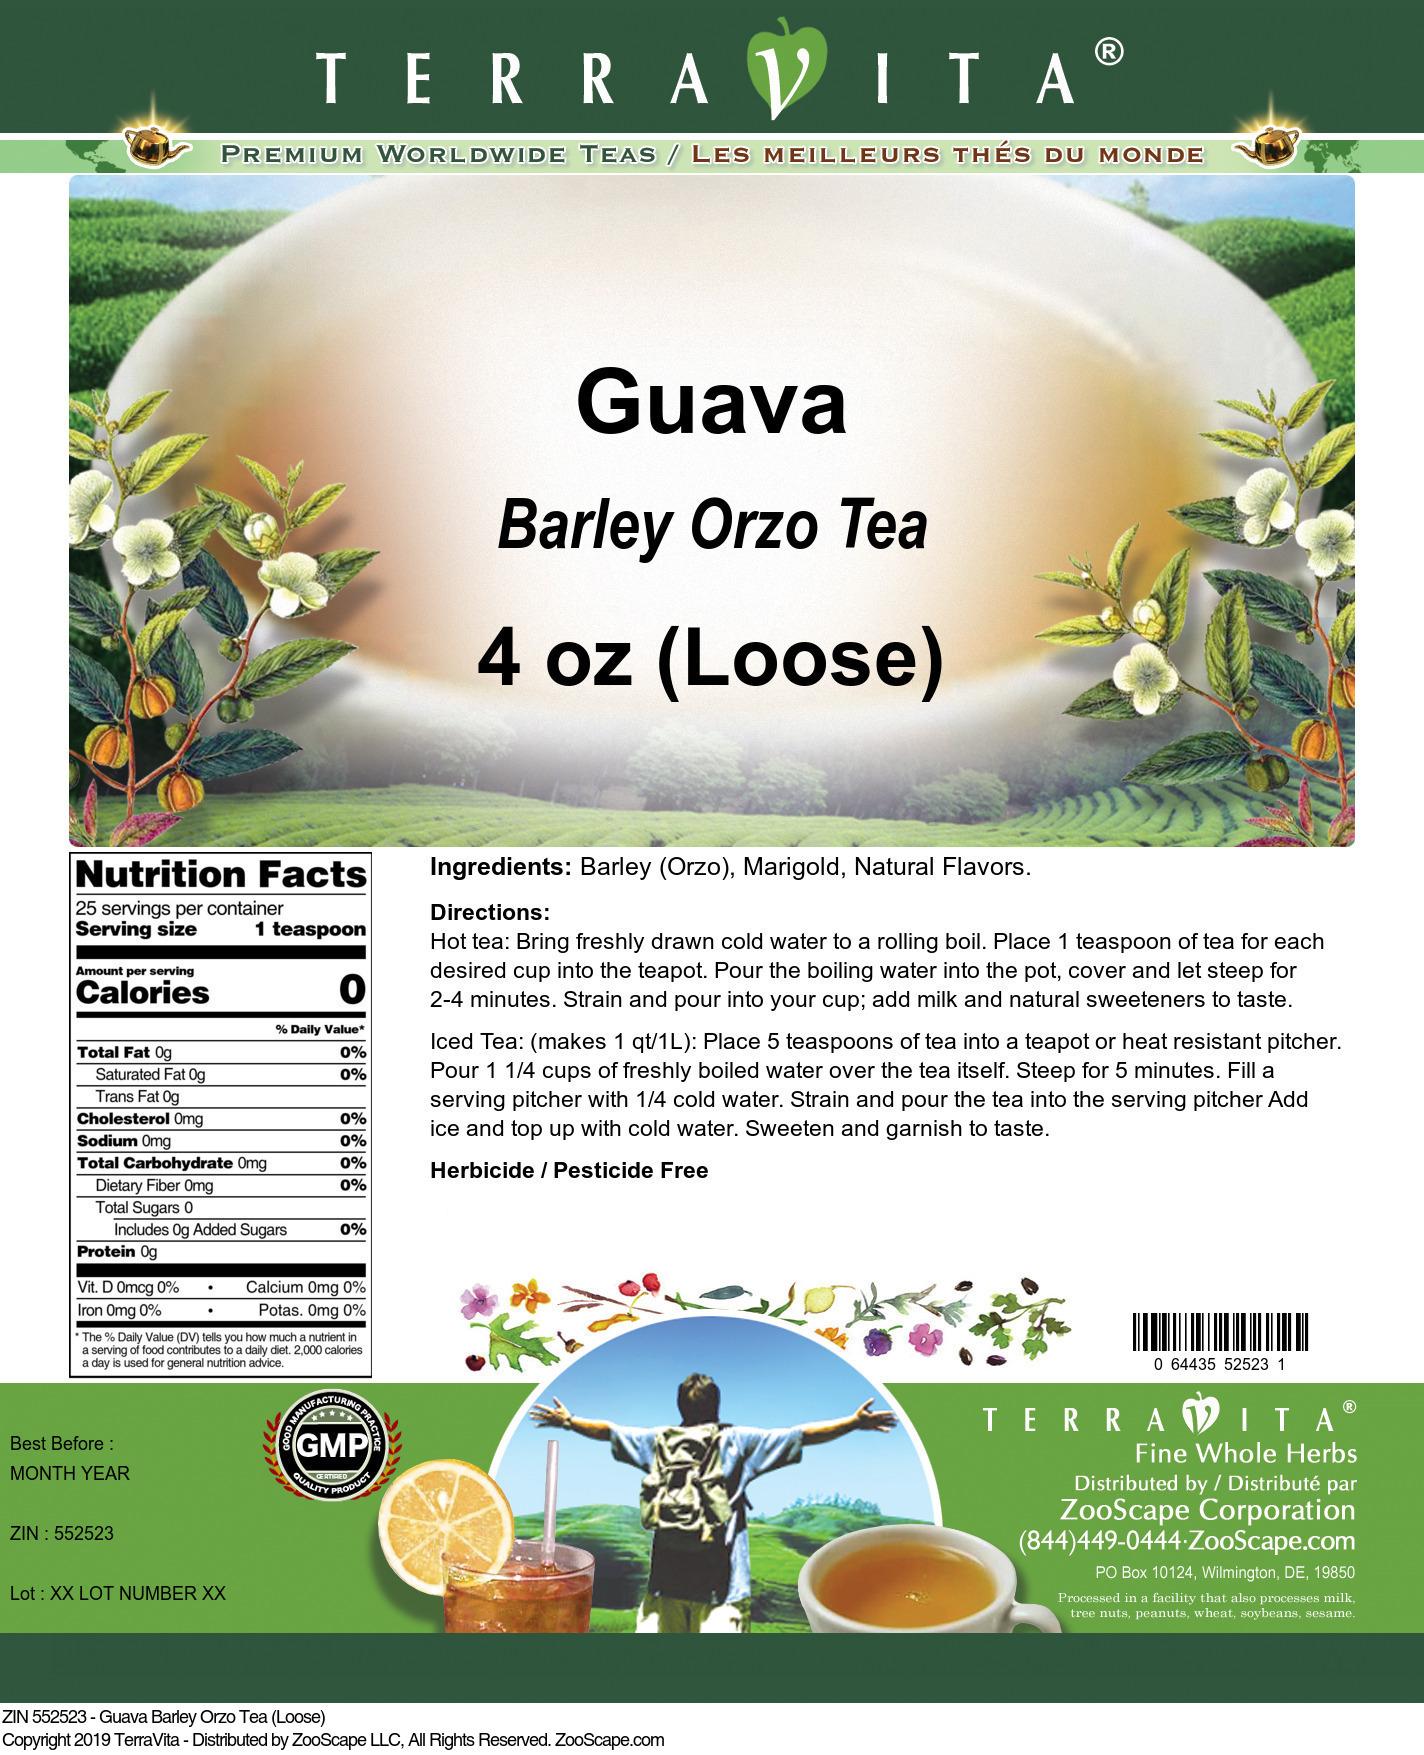 Guava Barley Orzo